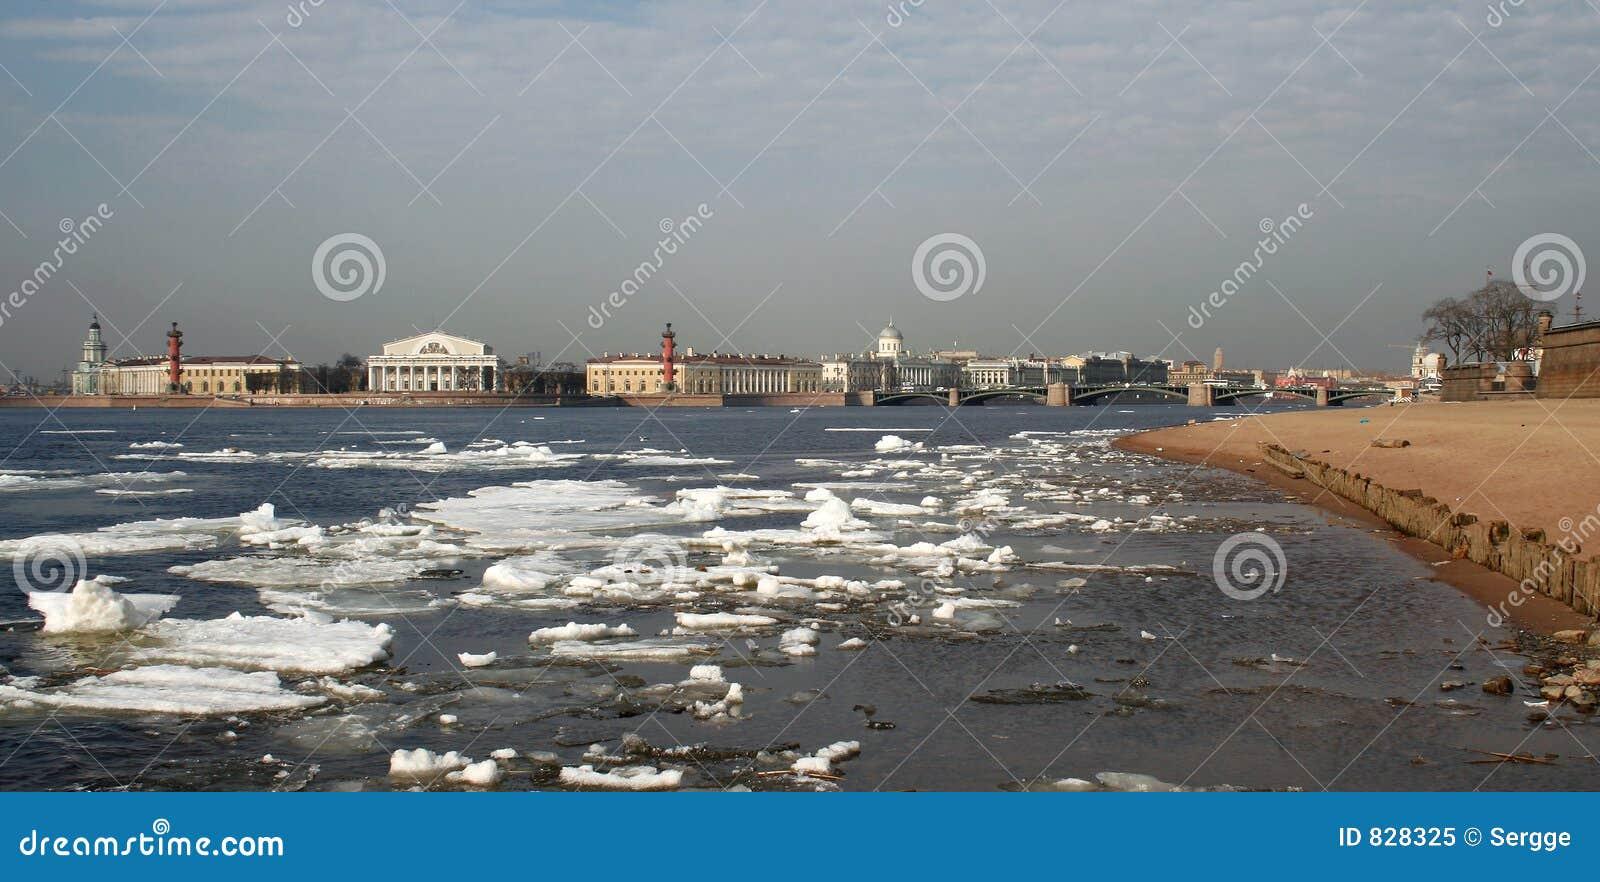 Spring in St Petersburg